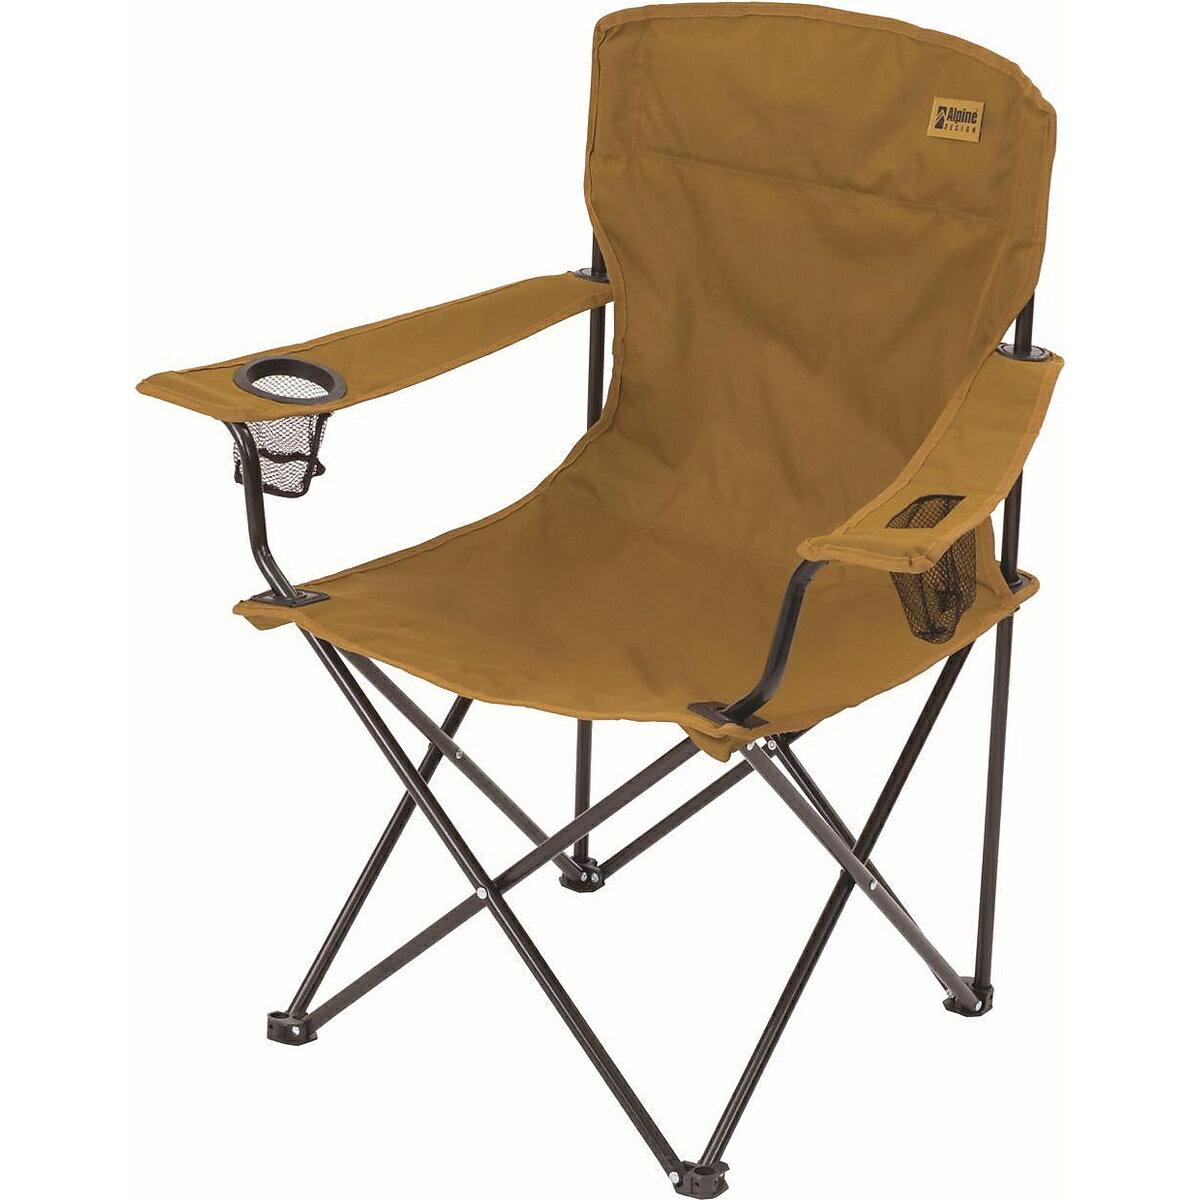 椅子・テーブル・レジャーシート, 椅子 Alpine DESIGN () AD-S19-015-048 COBR